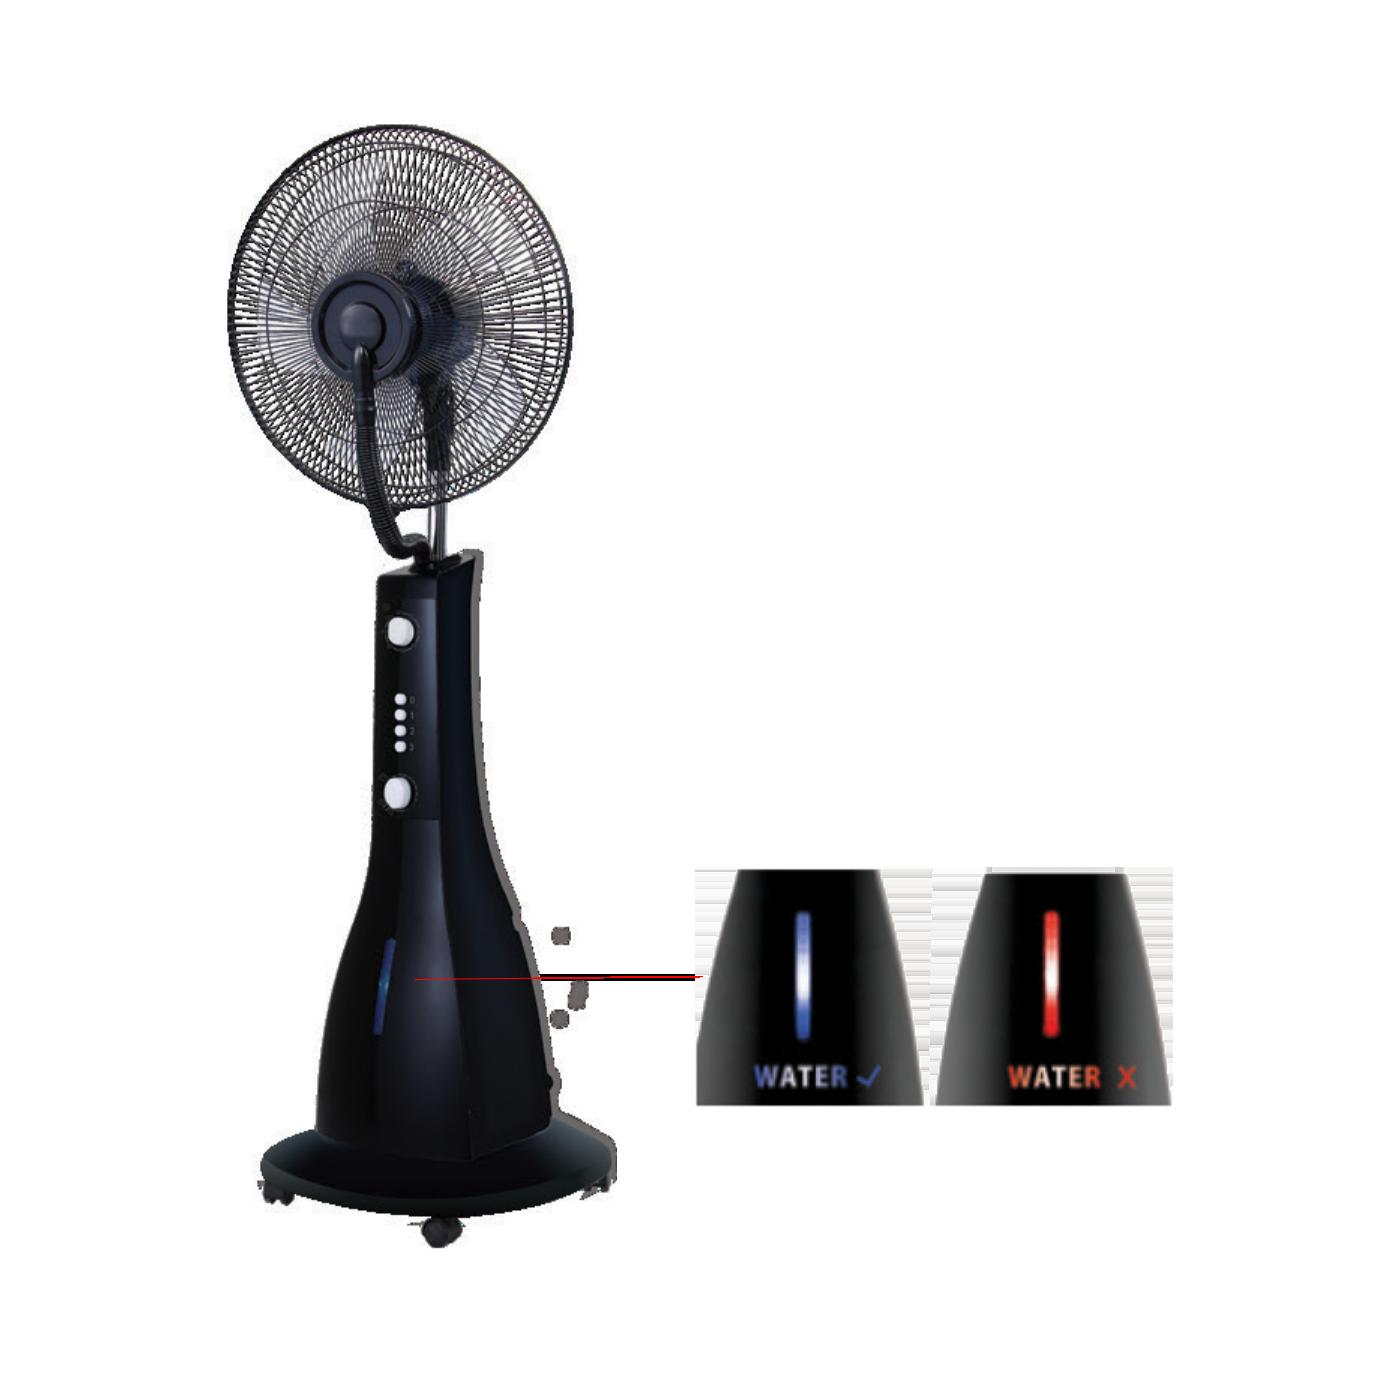 Ventilator sa raspršivačem vode, promjer 40 cm, 90 W, crna